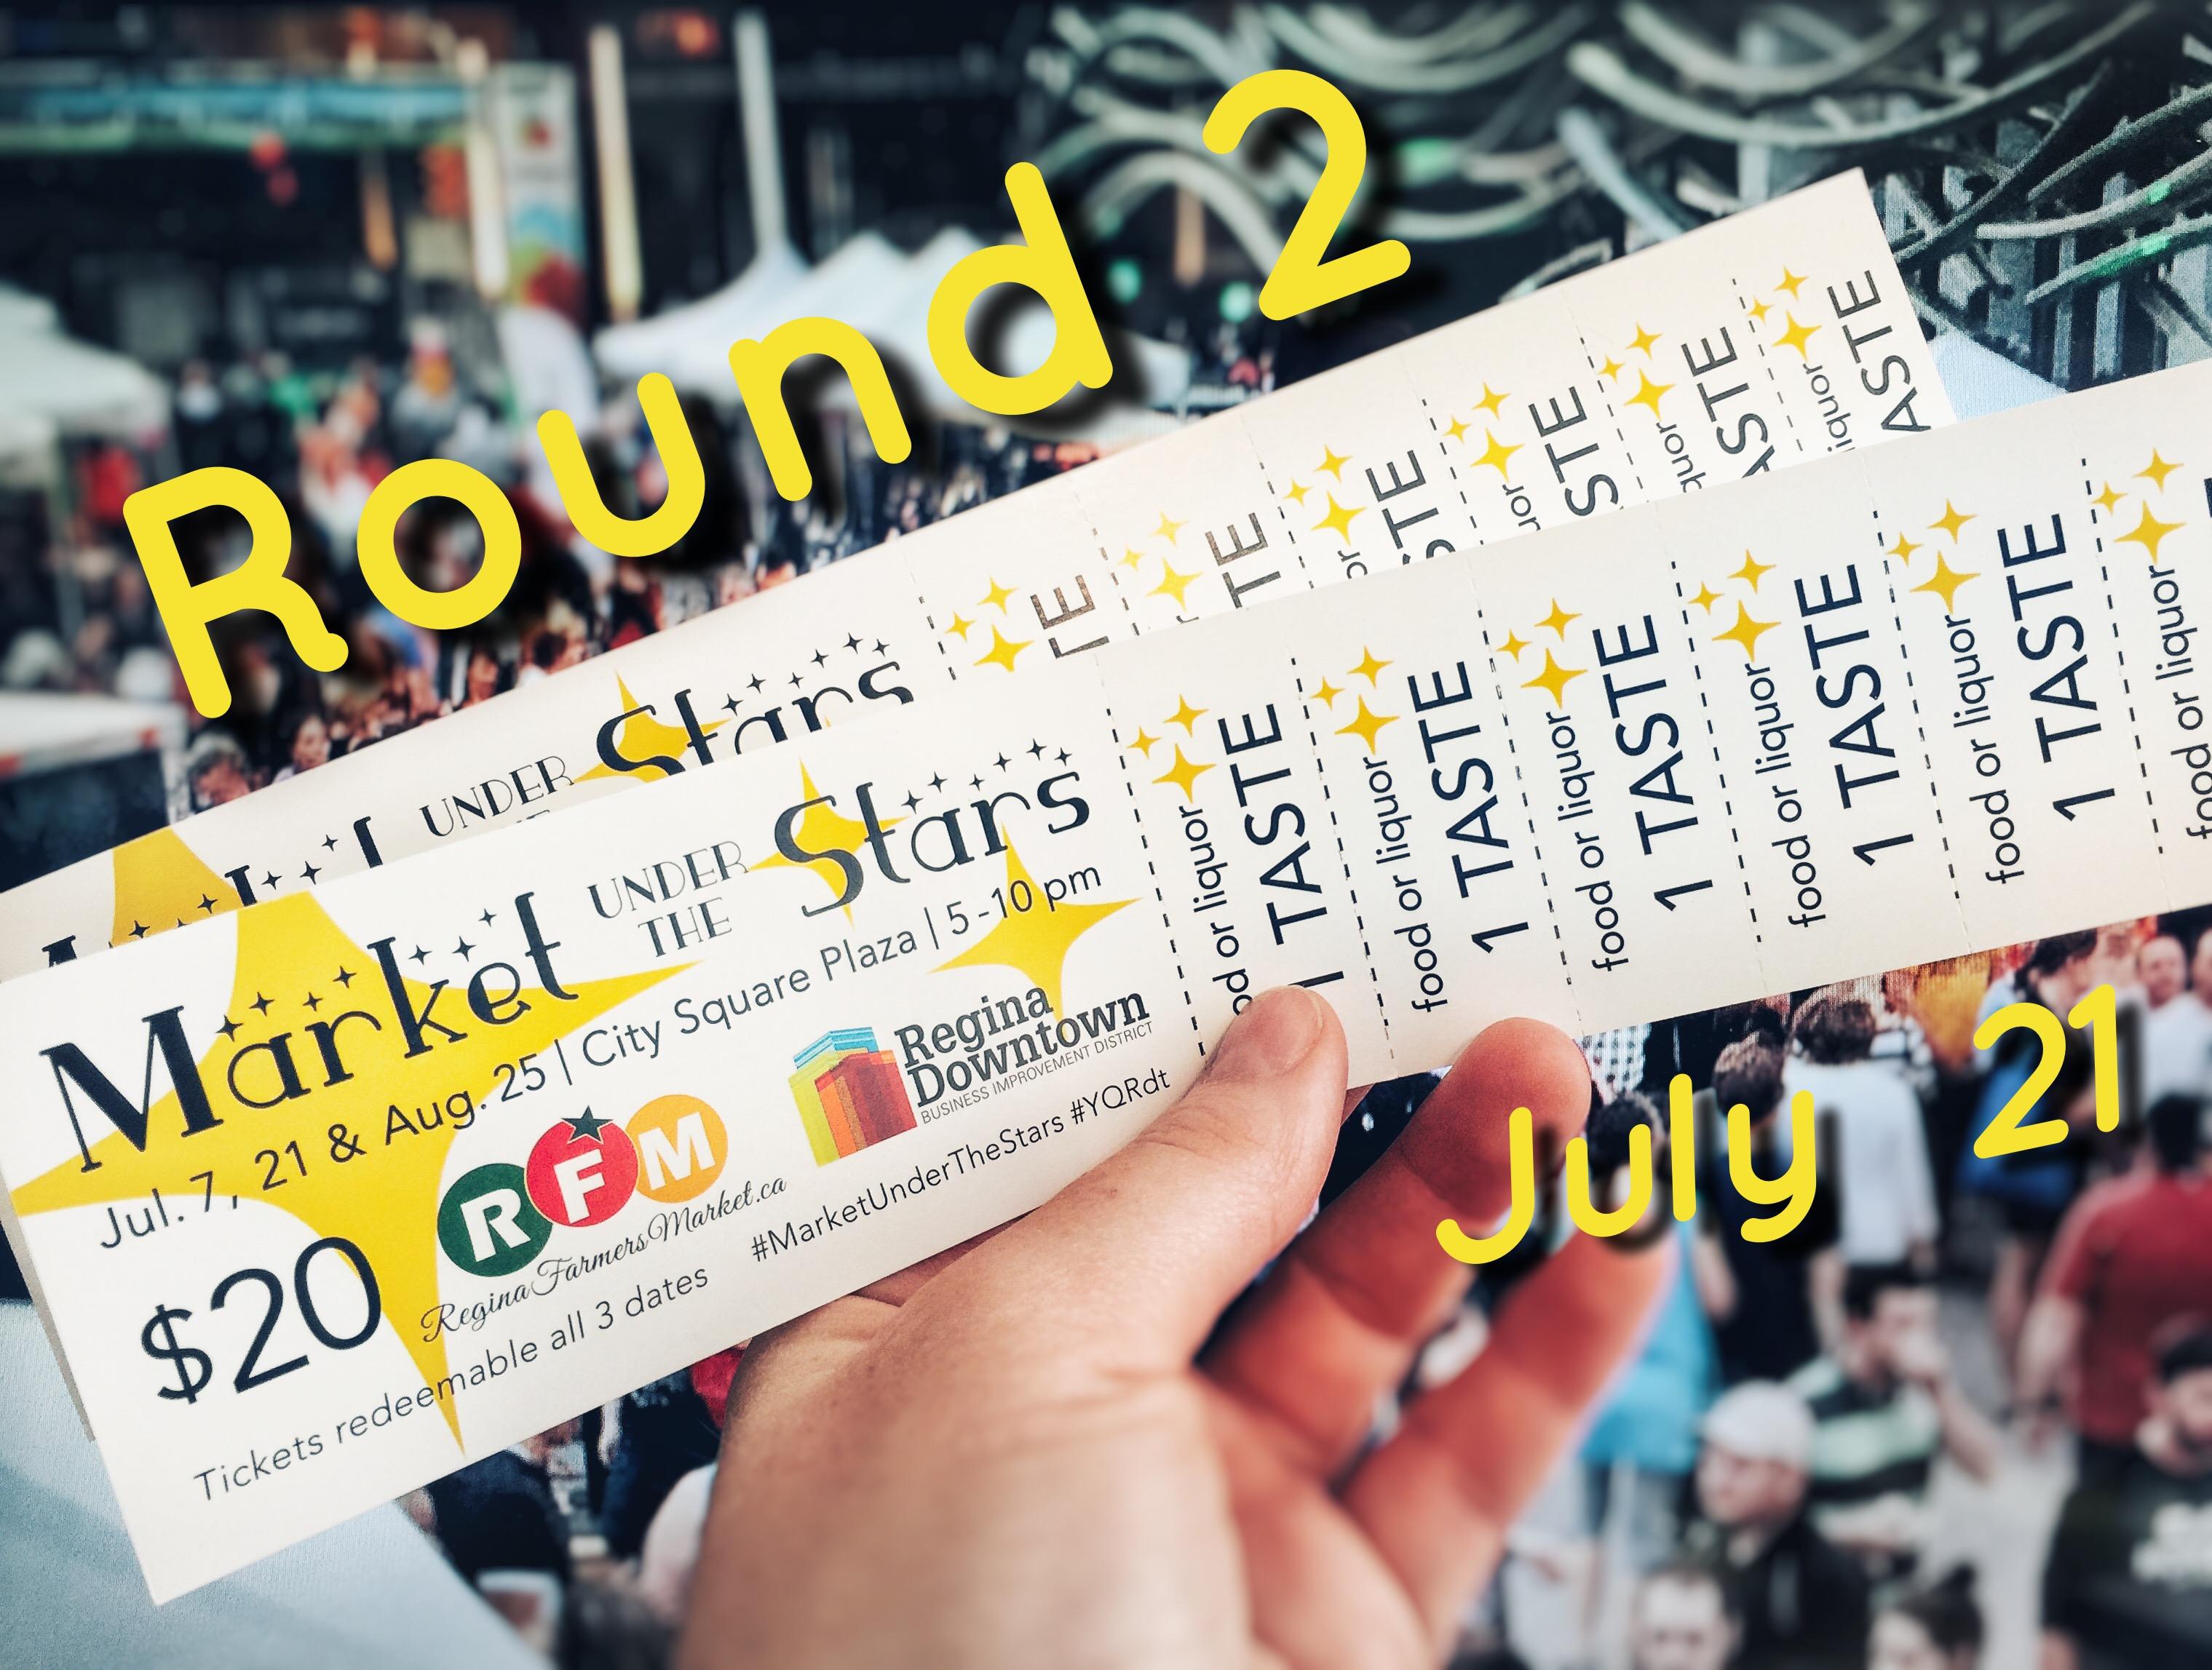 July 16 Map & HUGE Market! - Image 2